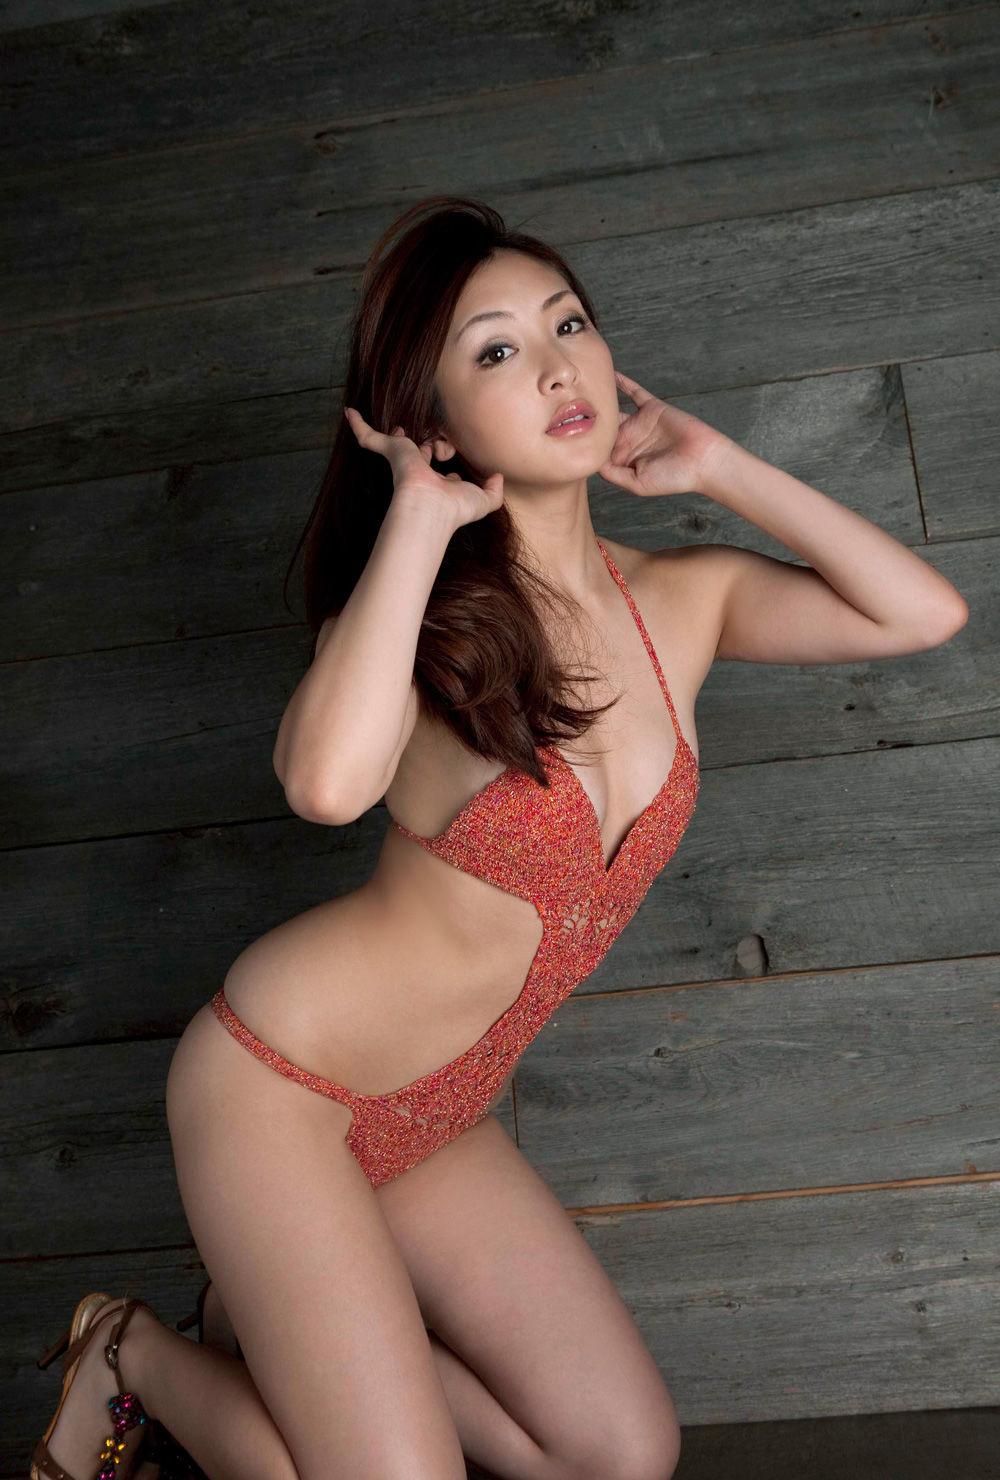 辰巳奈都子 画像 掲示板 68